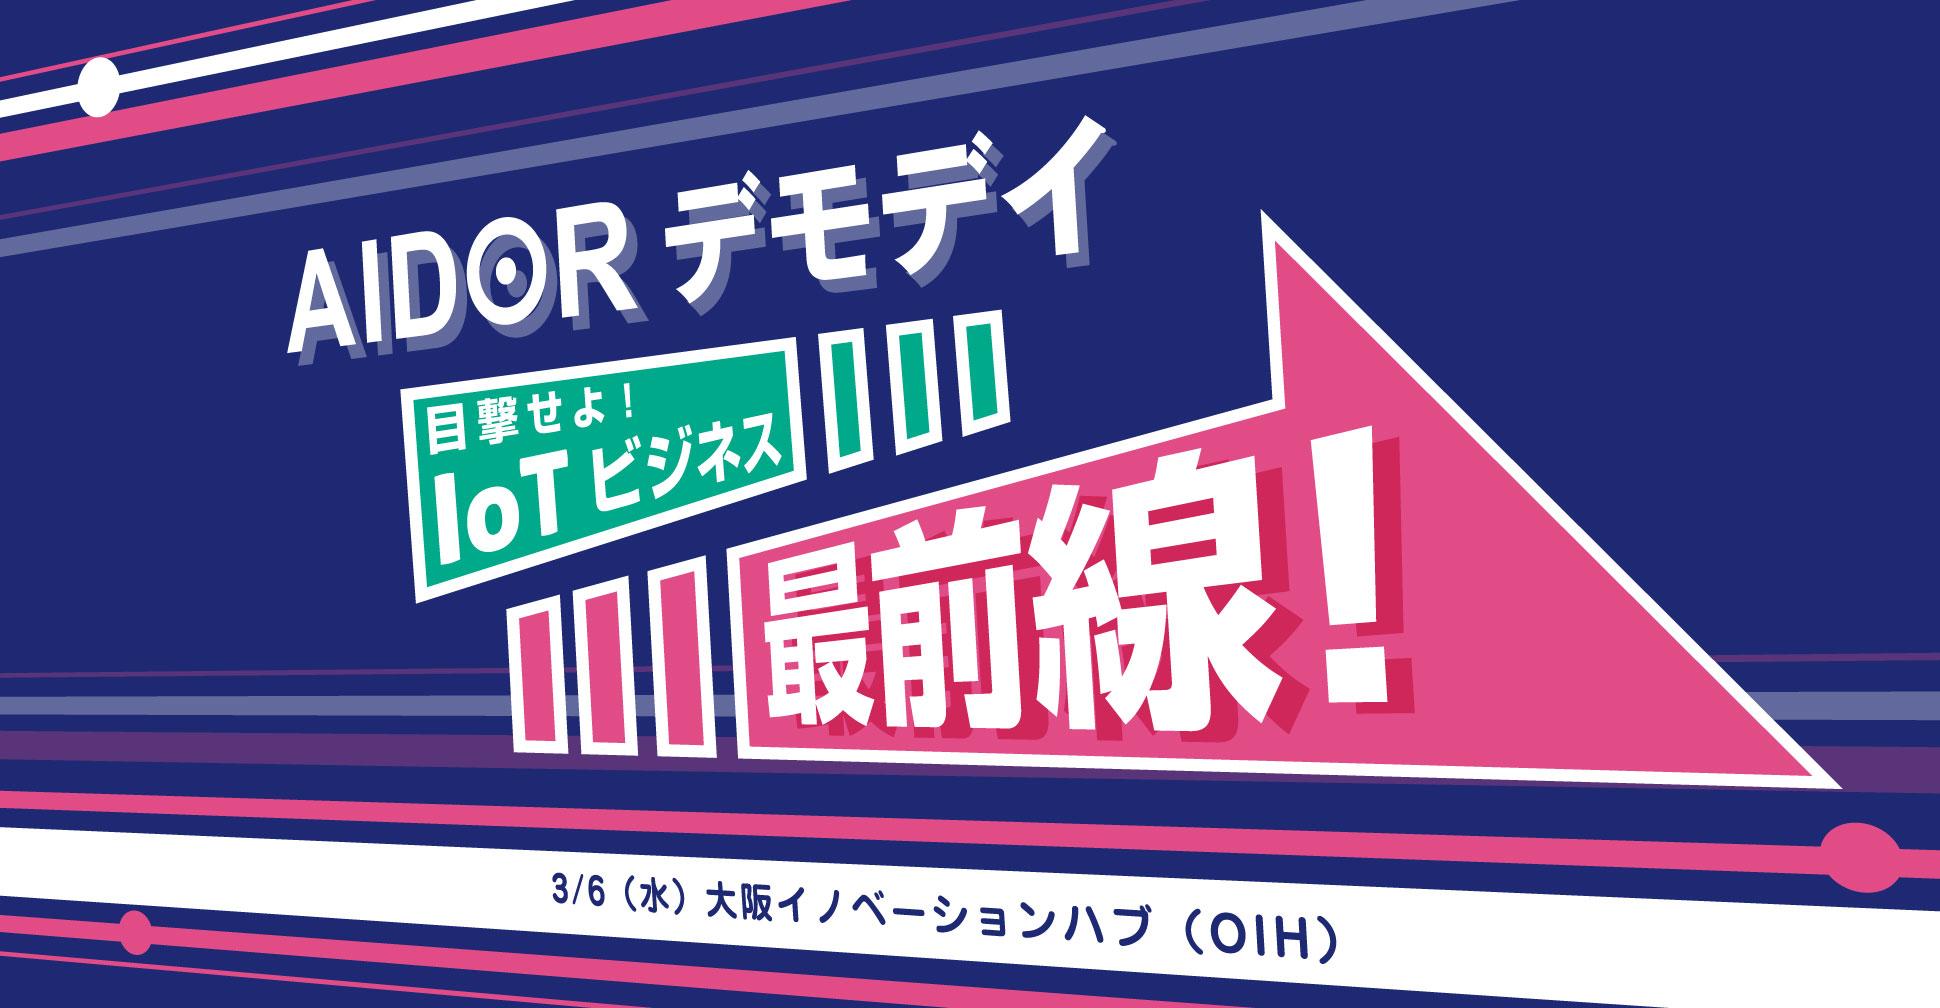 【AIDORデモデイ】目撃せよ!IoTビジネス最前線!